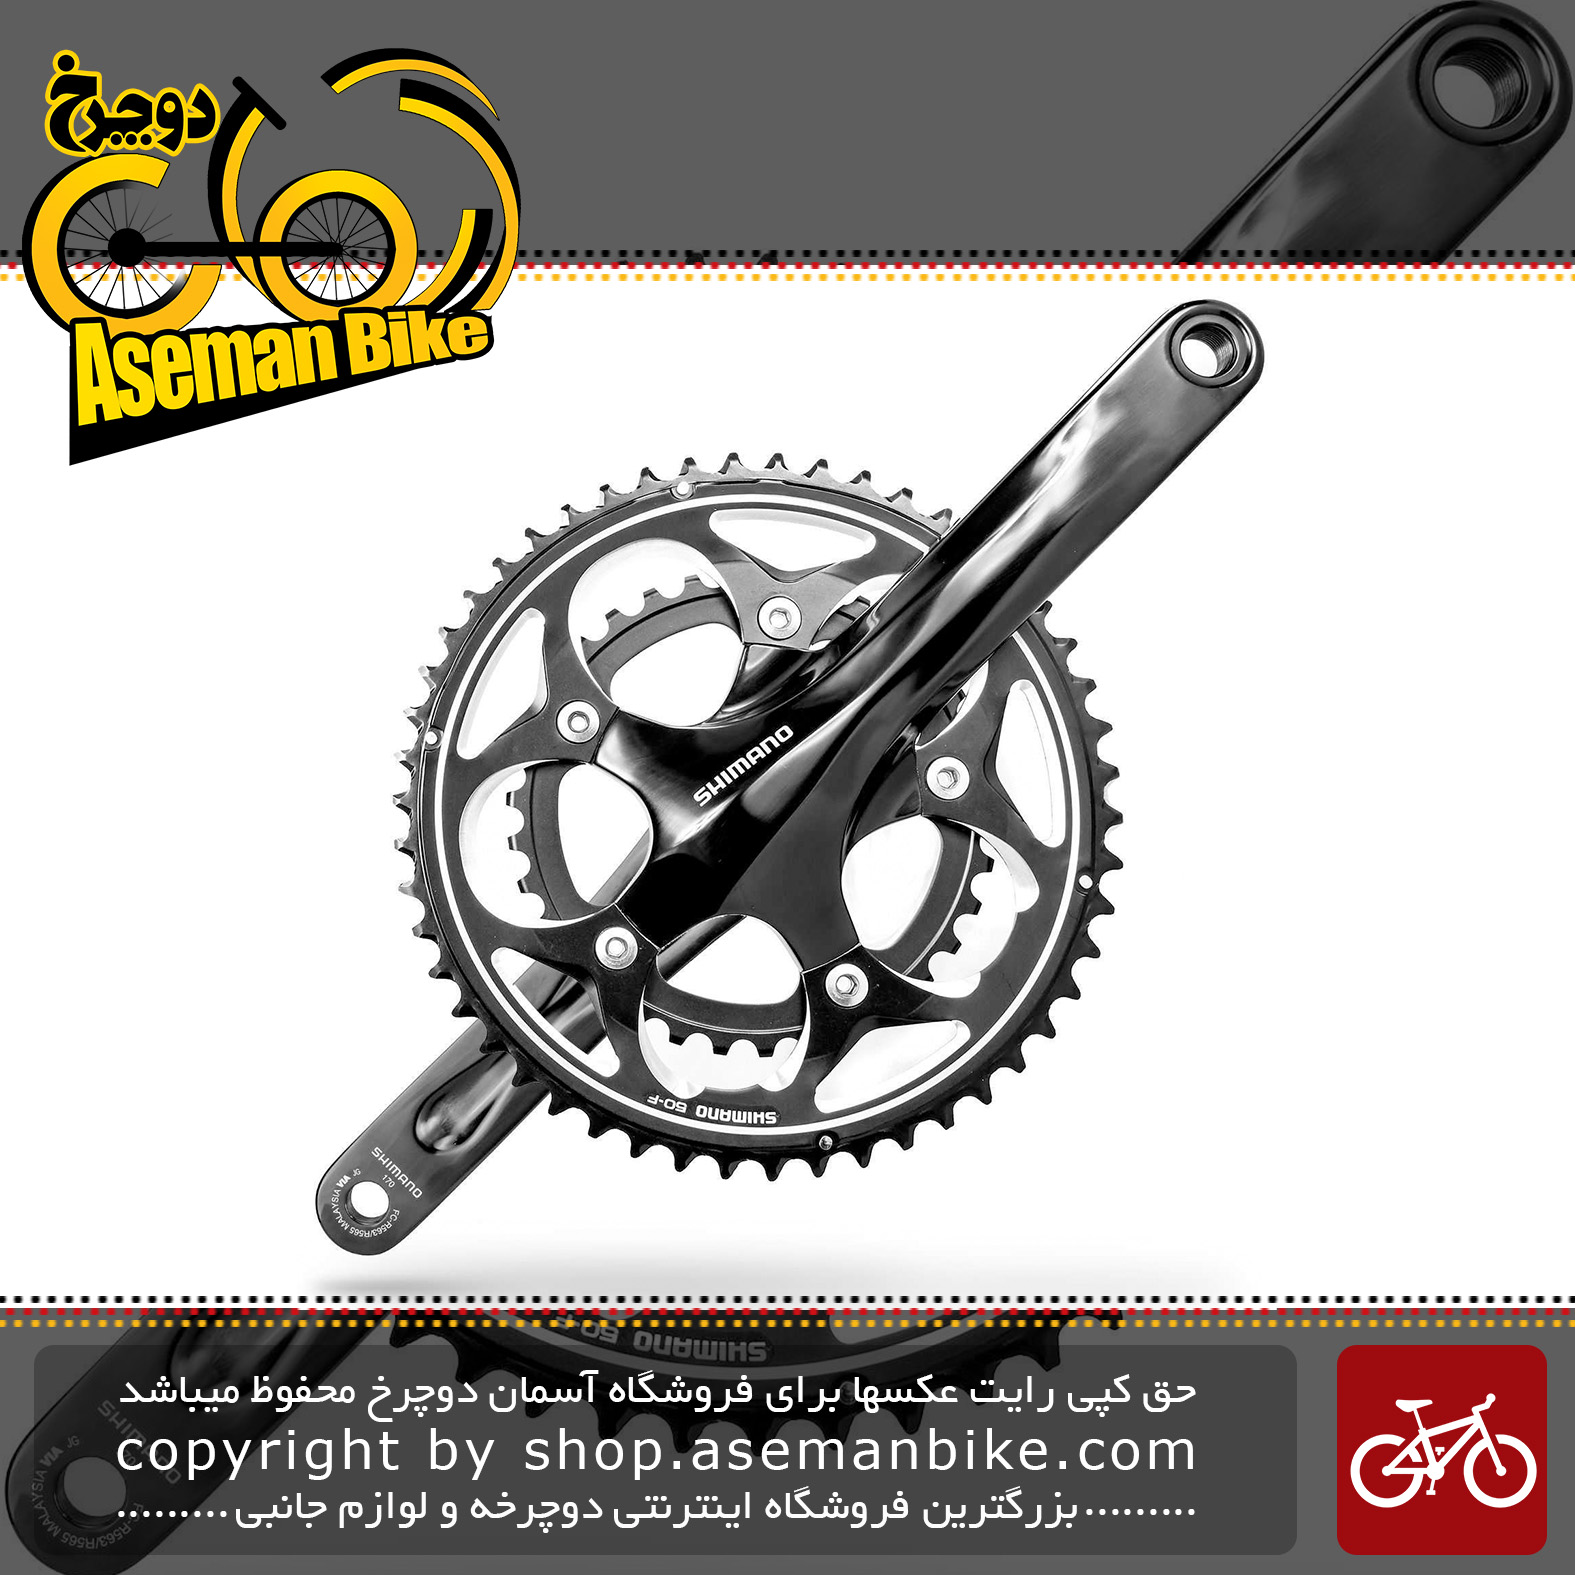 شیمانو طبق قامه دوچرخه مدل اف سی – 565 50 و 34 دندانه 170 میلیمتری Shimano Crankset Bicycle FC-565 50X34T 170mm